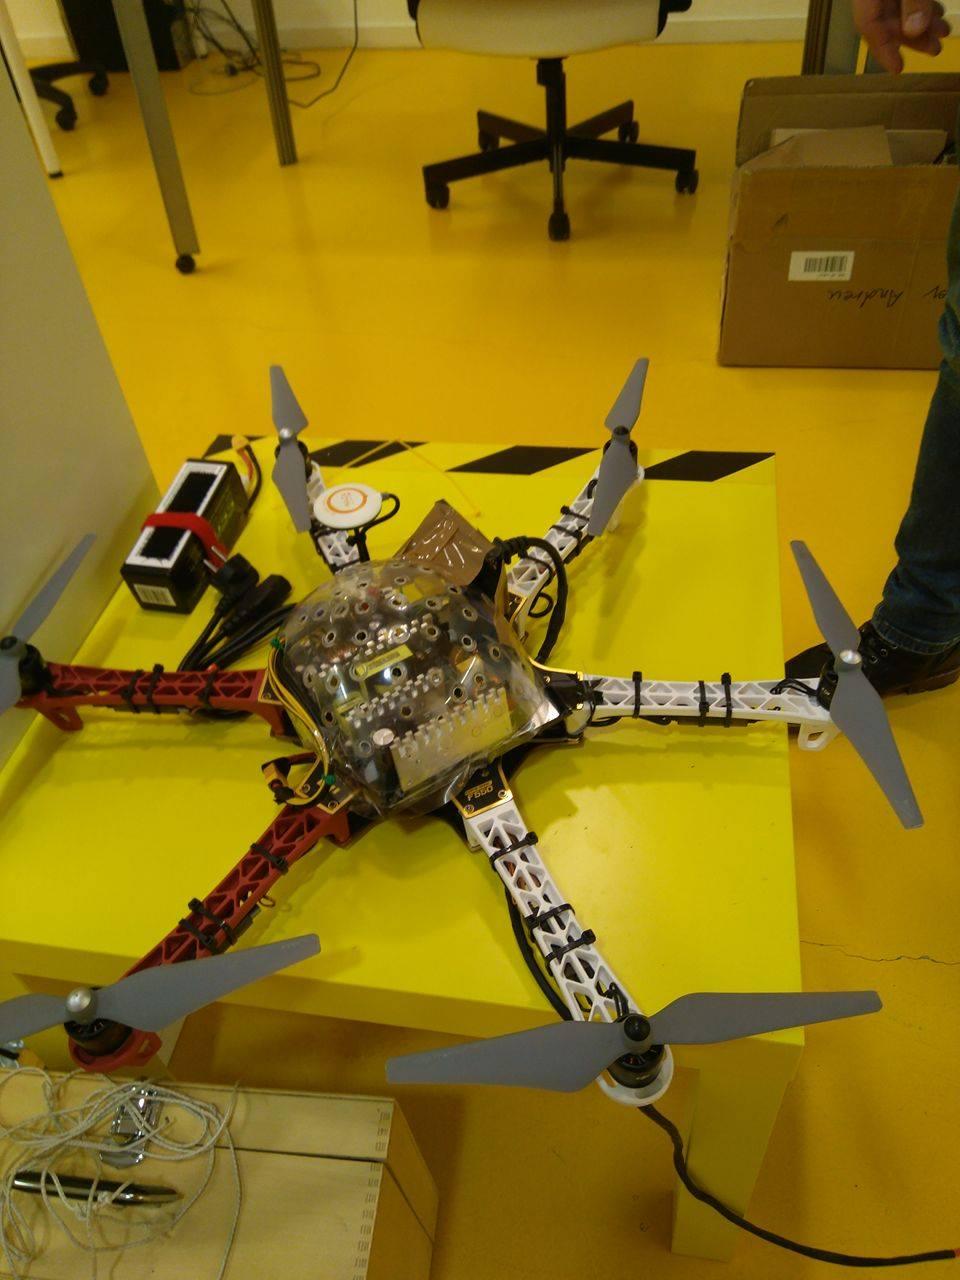 Dron cautivo con autonomía infinita